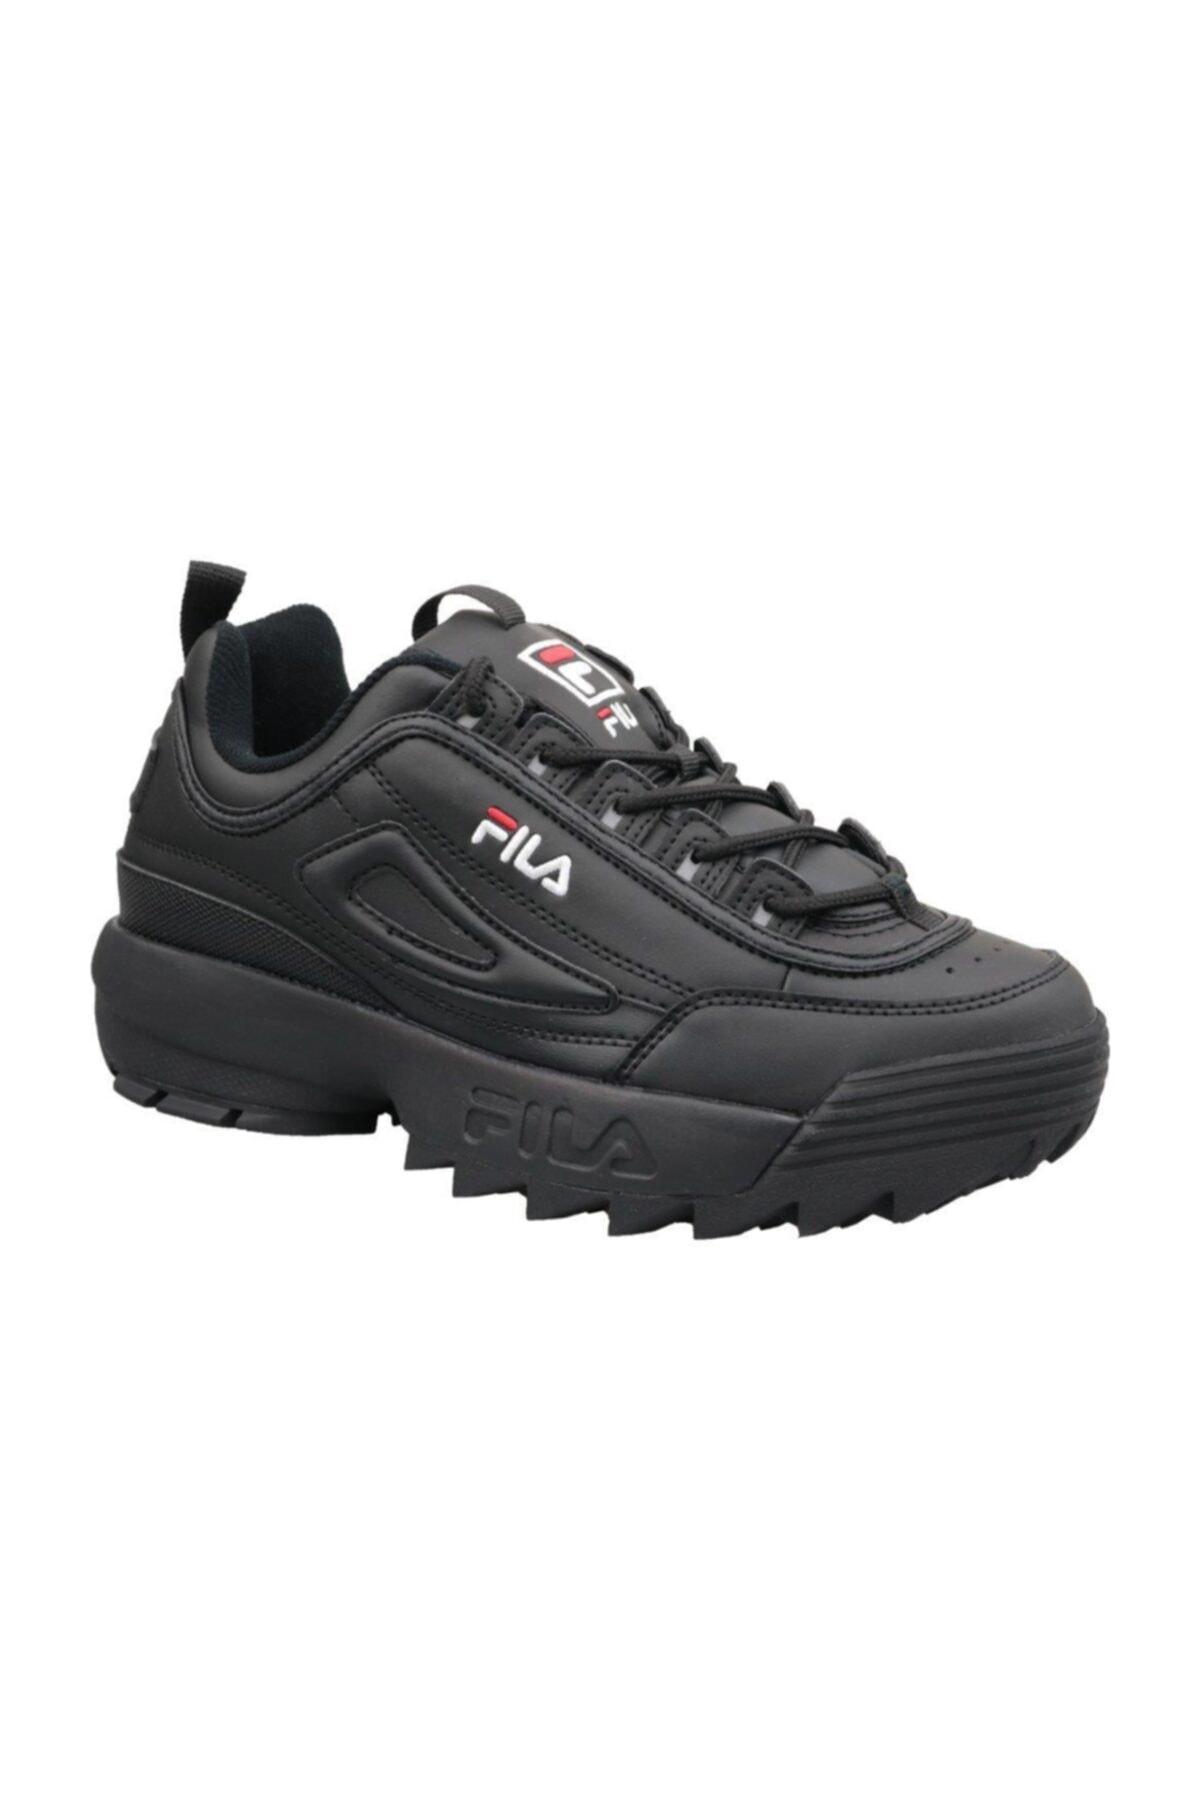 Fila Dısruptor Low Günlük Spor Ayakkabı 1